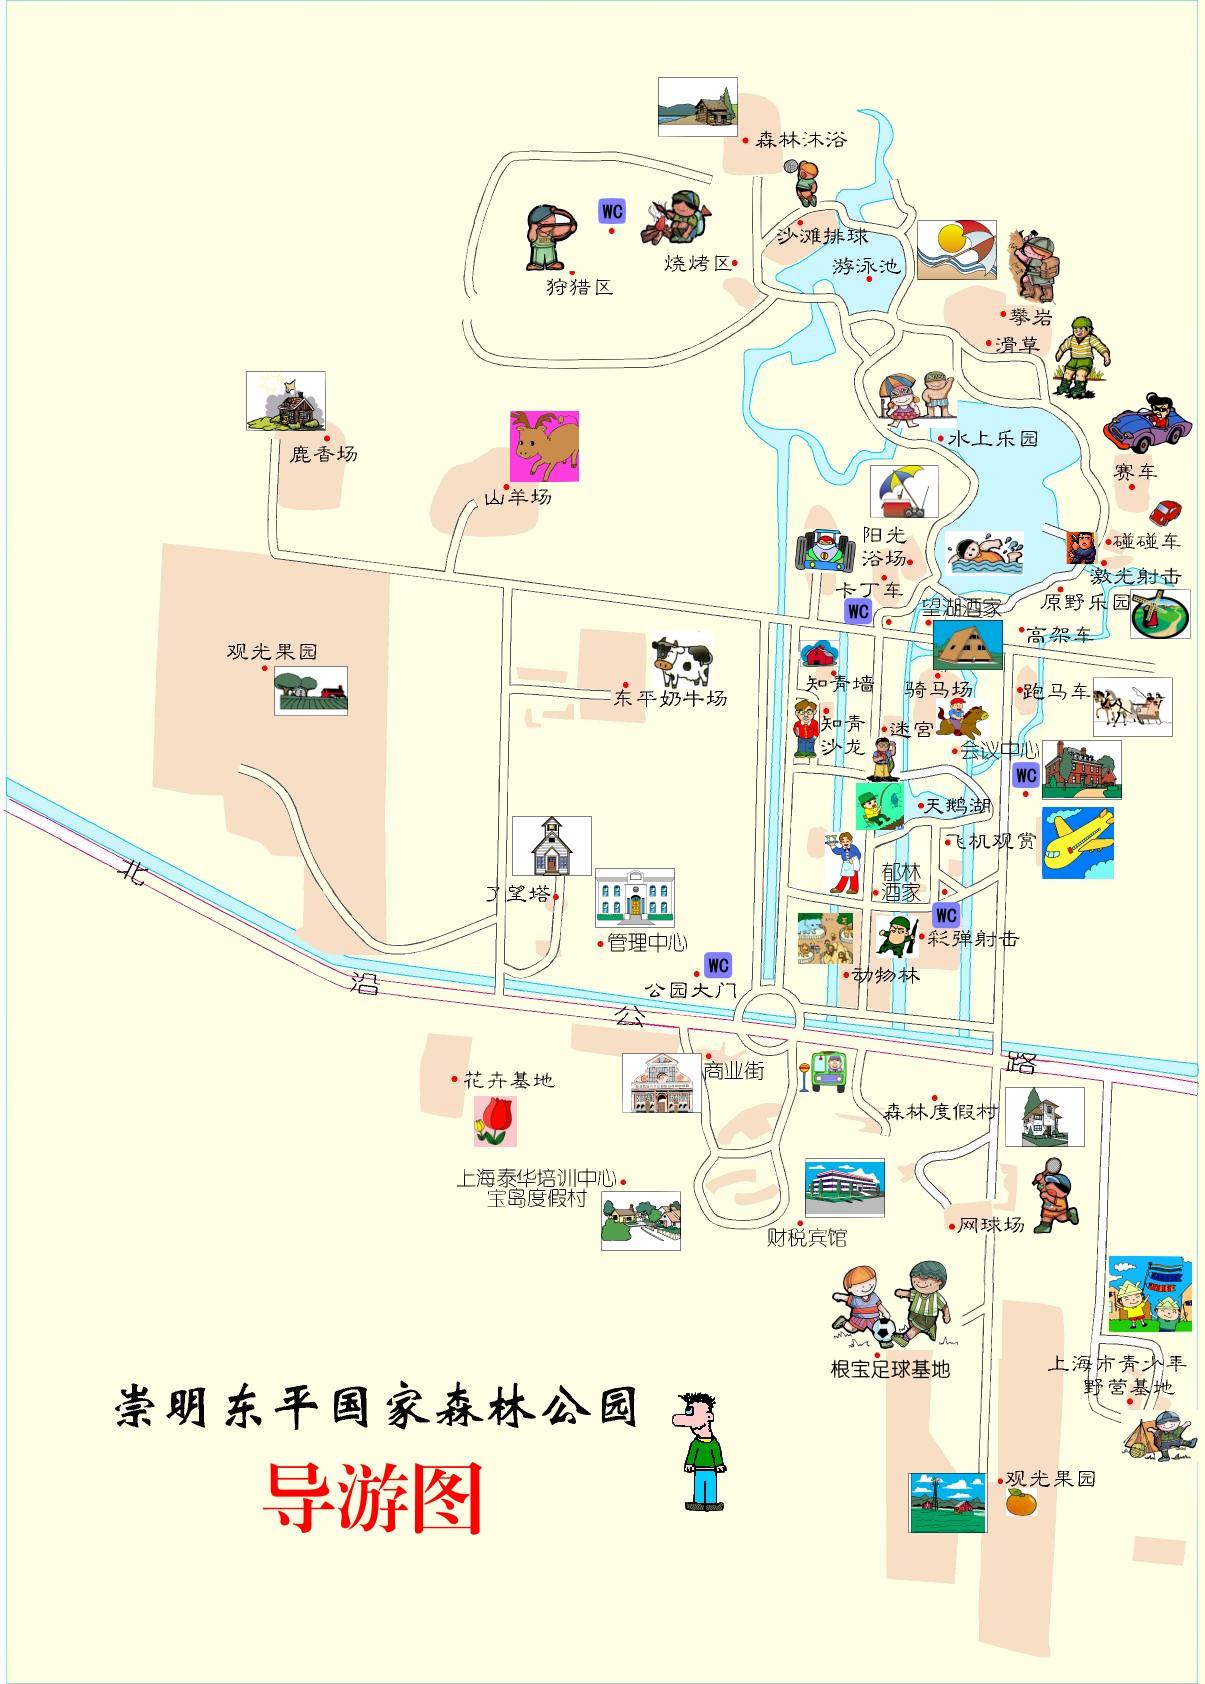 东平国家森林公园,上海市十佳休闲新景点之一,位于崇明岛中